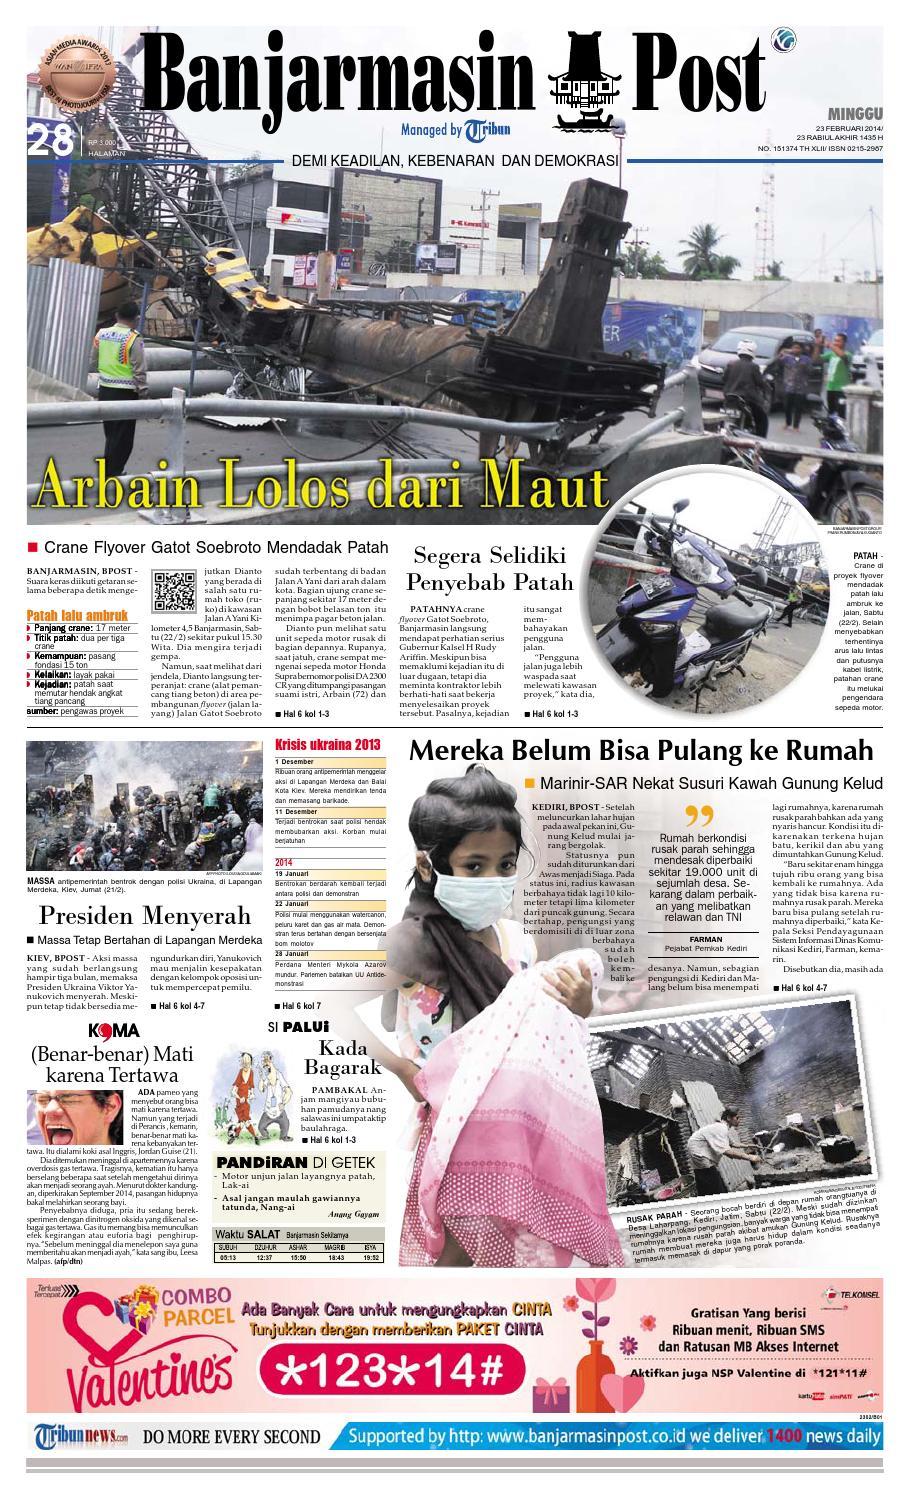 Banjarmasin Post Minggu 23 Februari 2014 By Banjarmasin